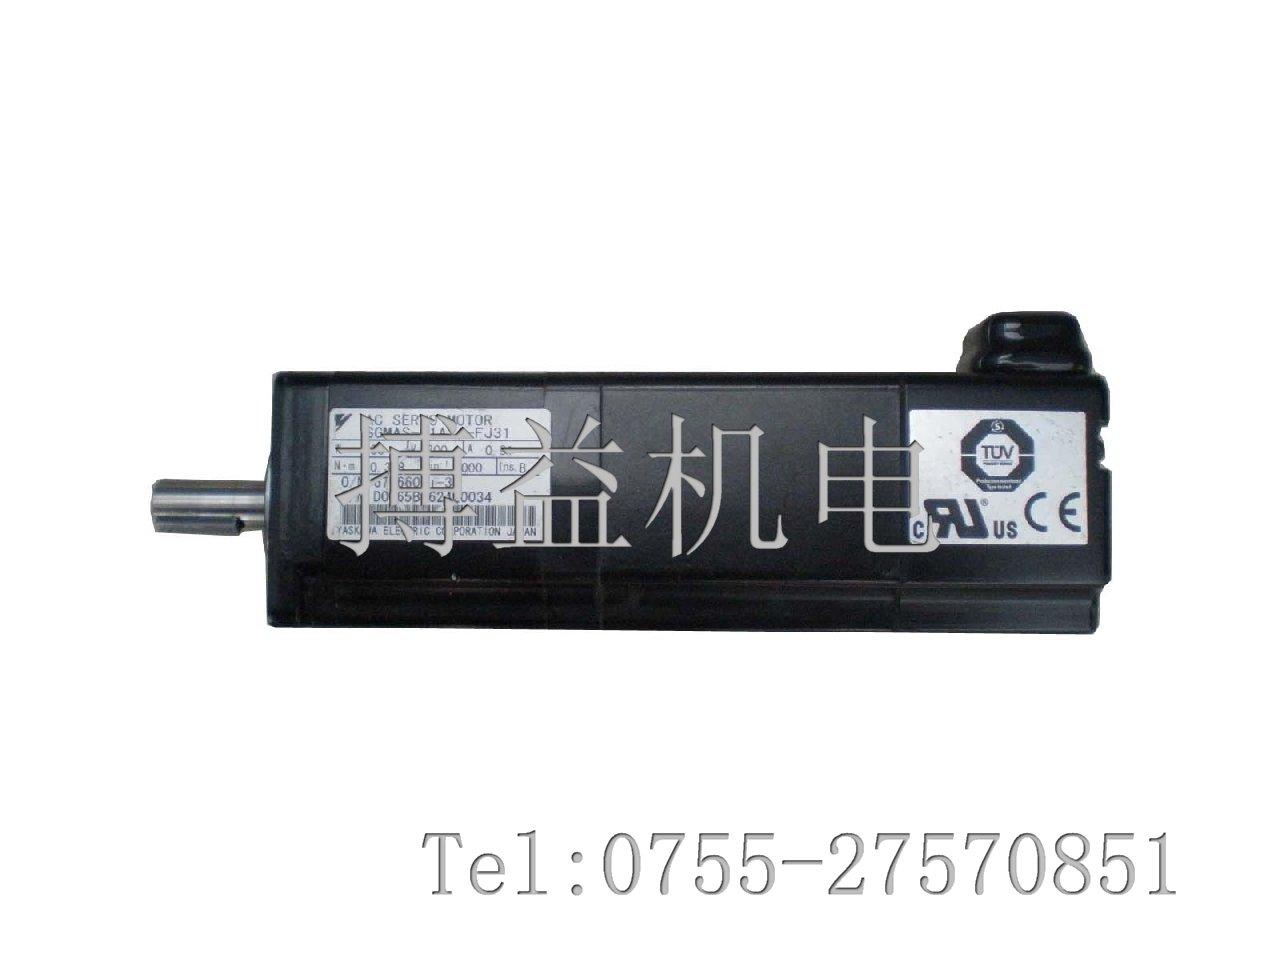 杭州SGMGH-09ACA61安川伺服马达原装正品特价维修广东